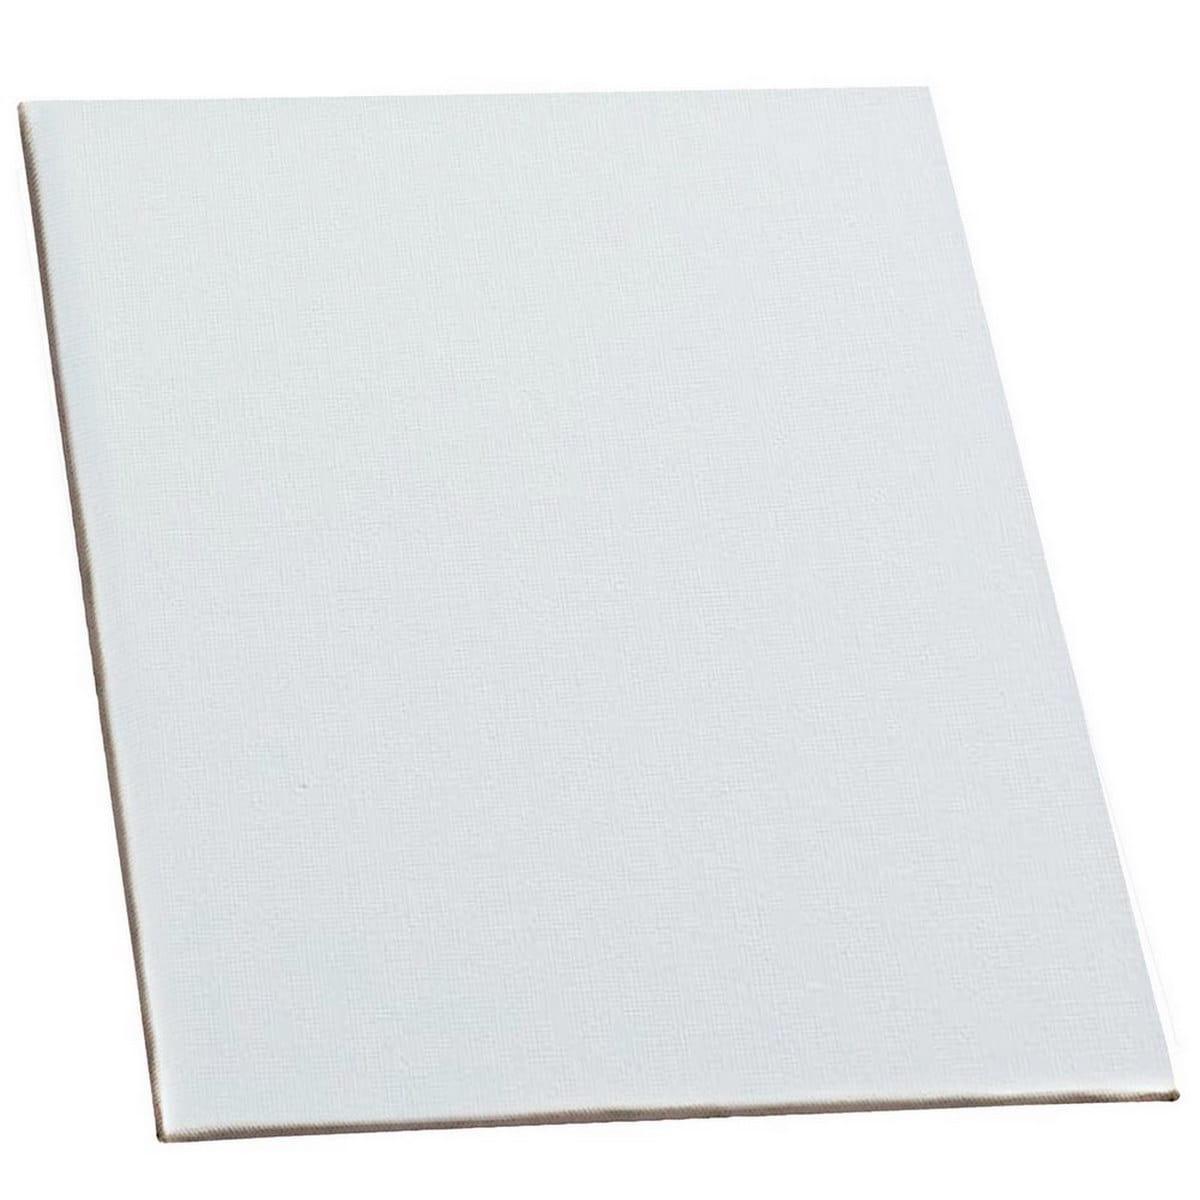 MDF White Canvas Board Size: 20 X 20 cm (8x8 Inches)